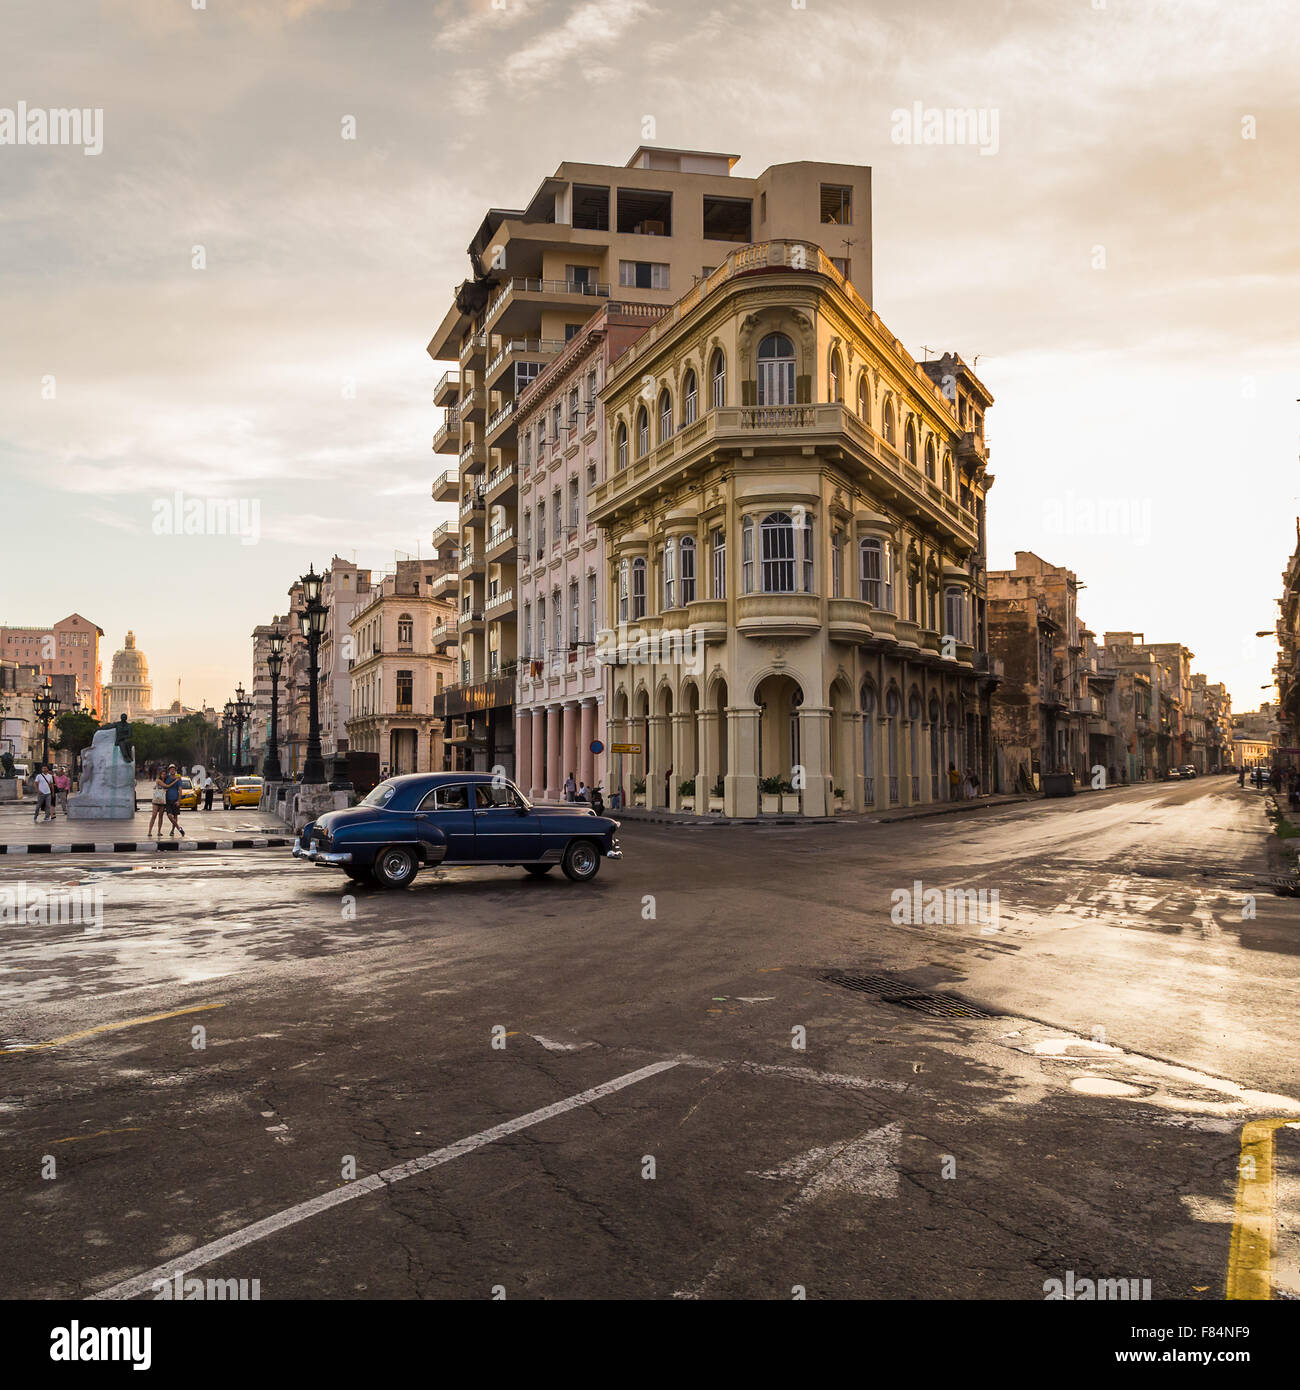 Die Kreuzung von San Lazaro & Prado beleuchtet im schönen goldenen Licht, wie die Sonne beginnt zu setzen. Stockbild